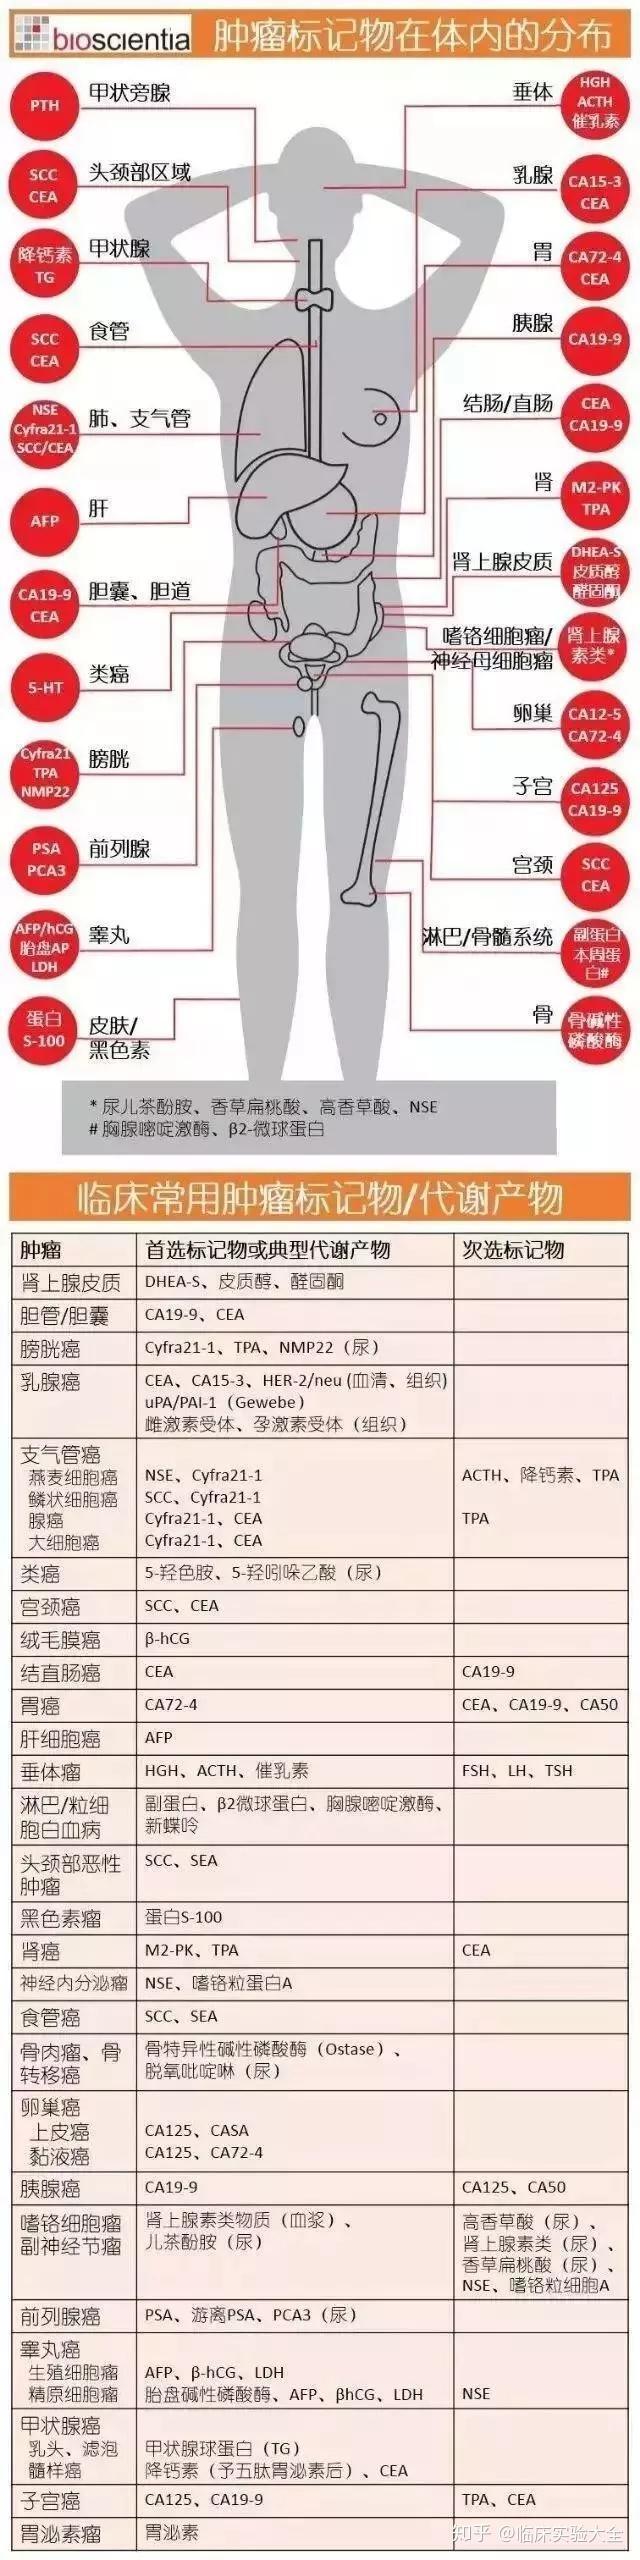 肿瘤标志物_十大肿瘤之常见肿瘤标志物分布图 - 知乎